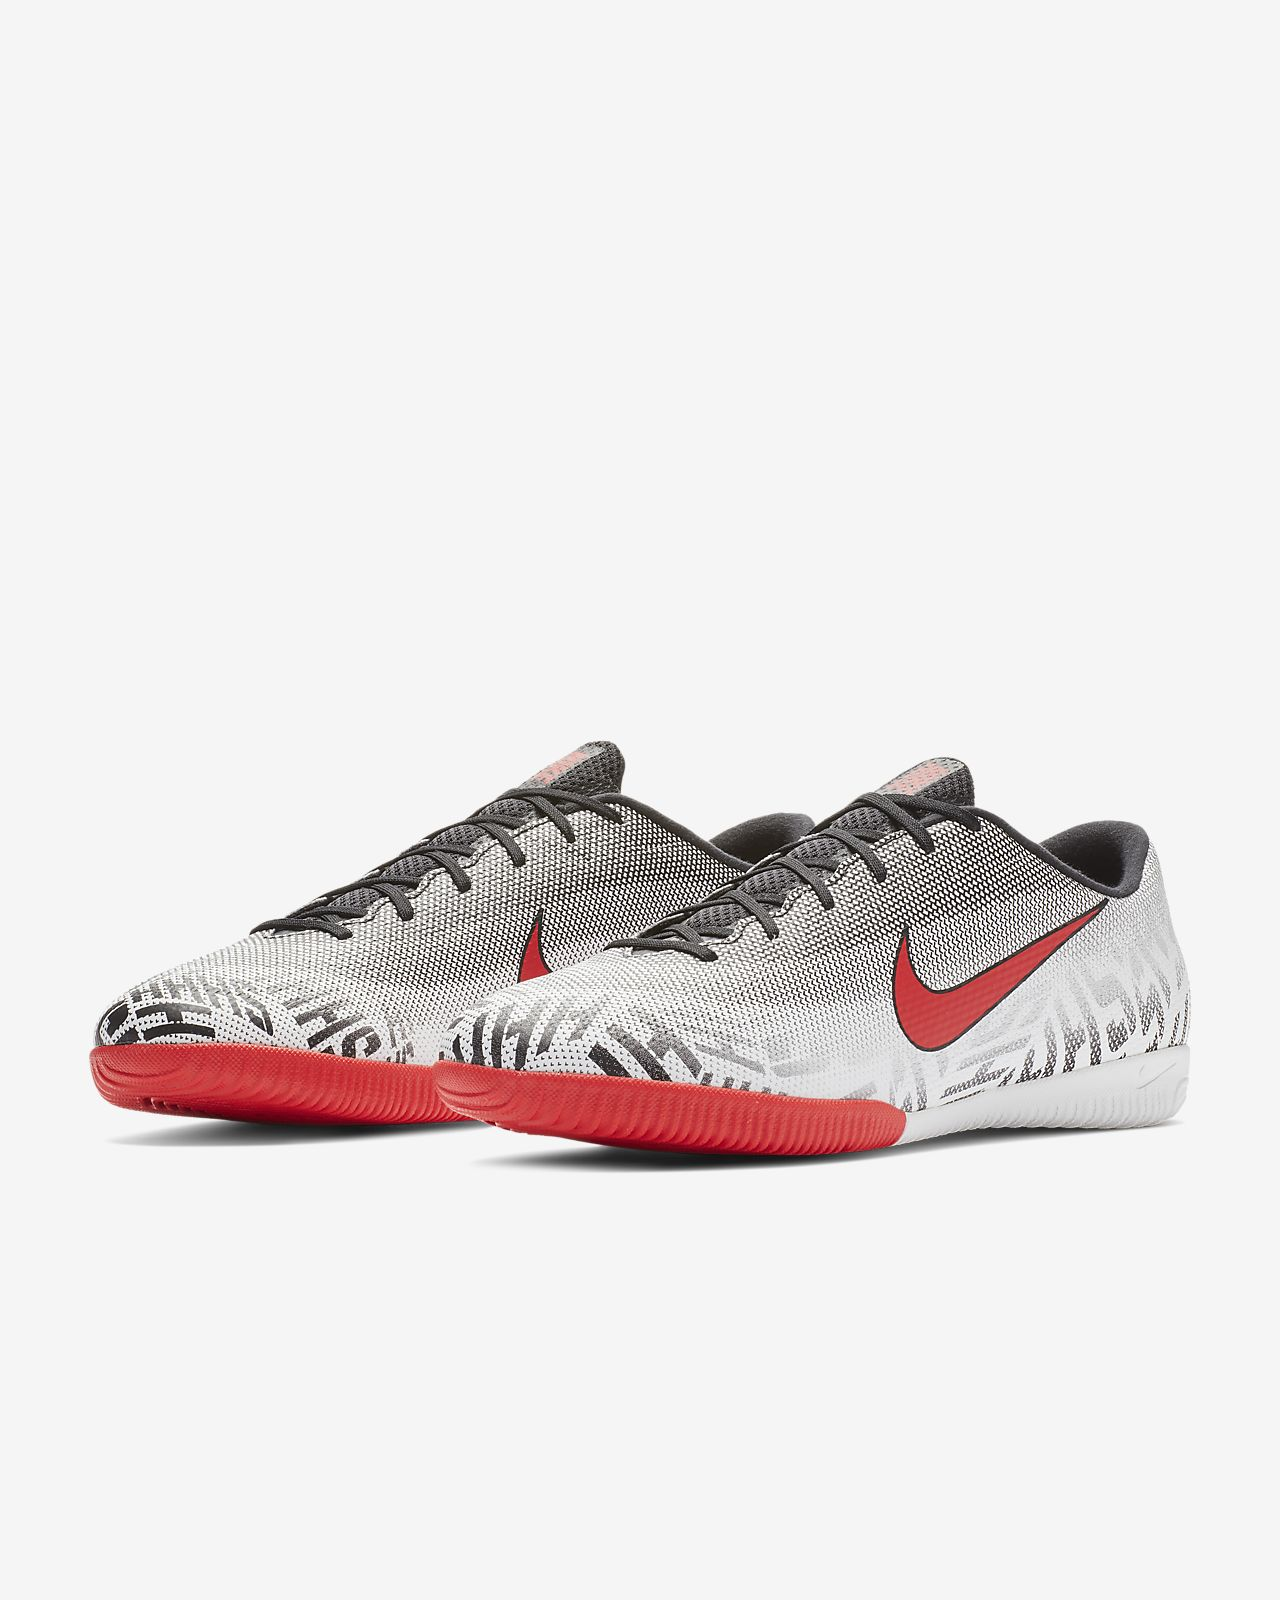 0bf84d94b Nike Mercurial Vapor XII Academy Neymar Jr Indoor Court Soccer Shoe ...